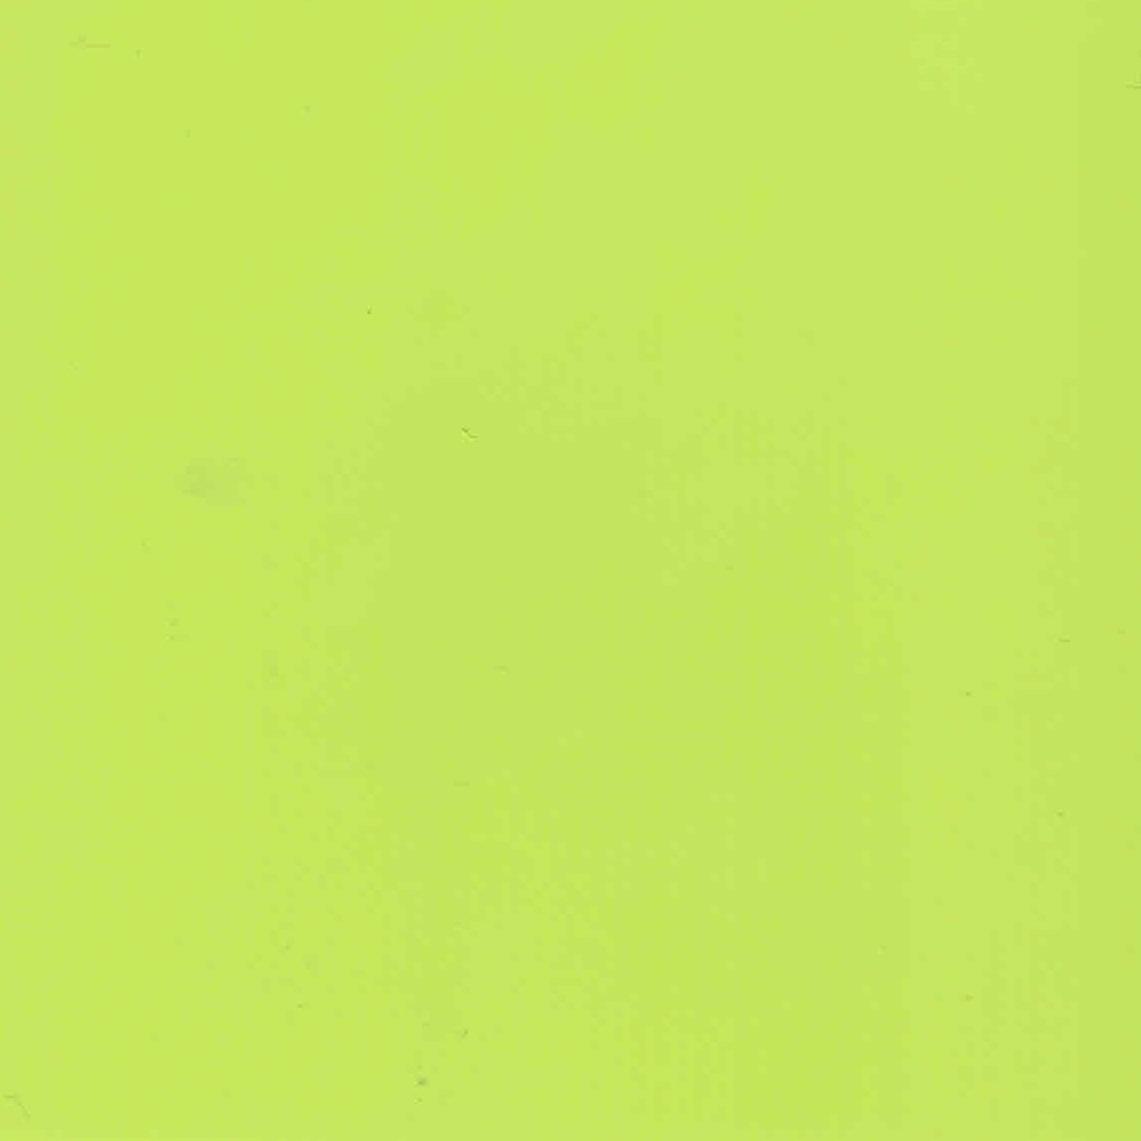 Глянцевые натяжные потолки Китай Premium салатовые L 624